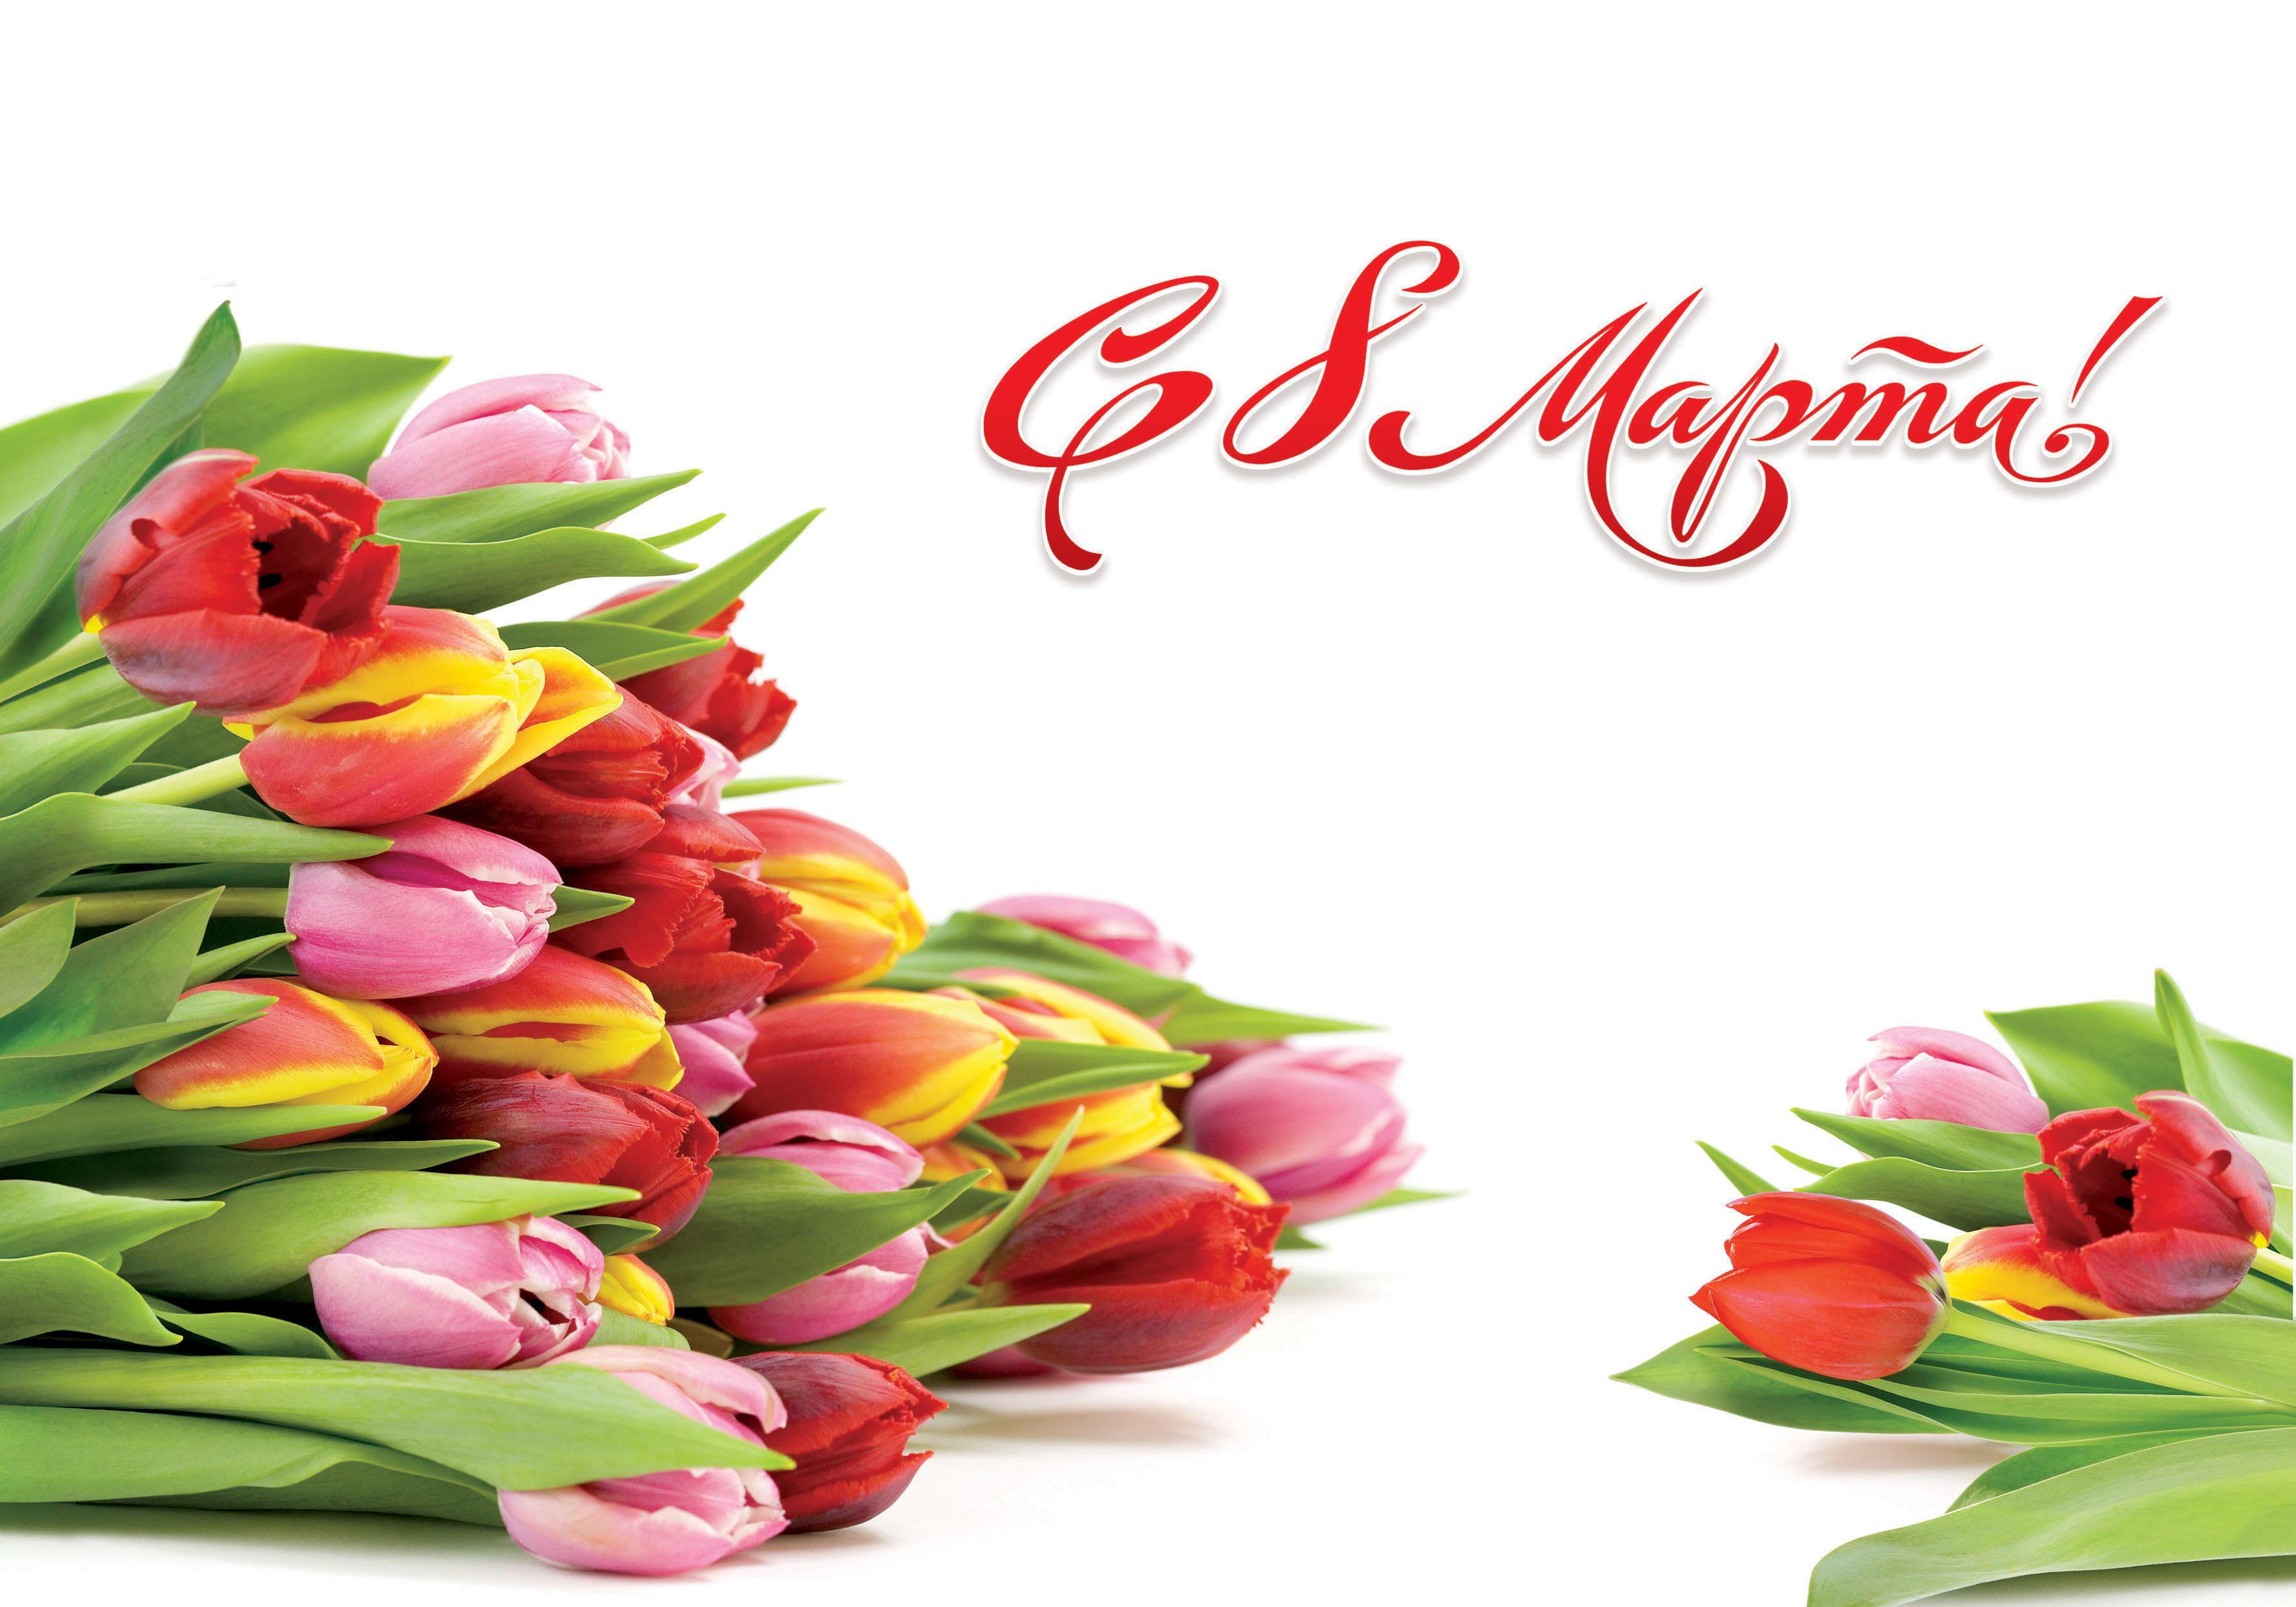 С праздником весны, милые женщины!